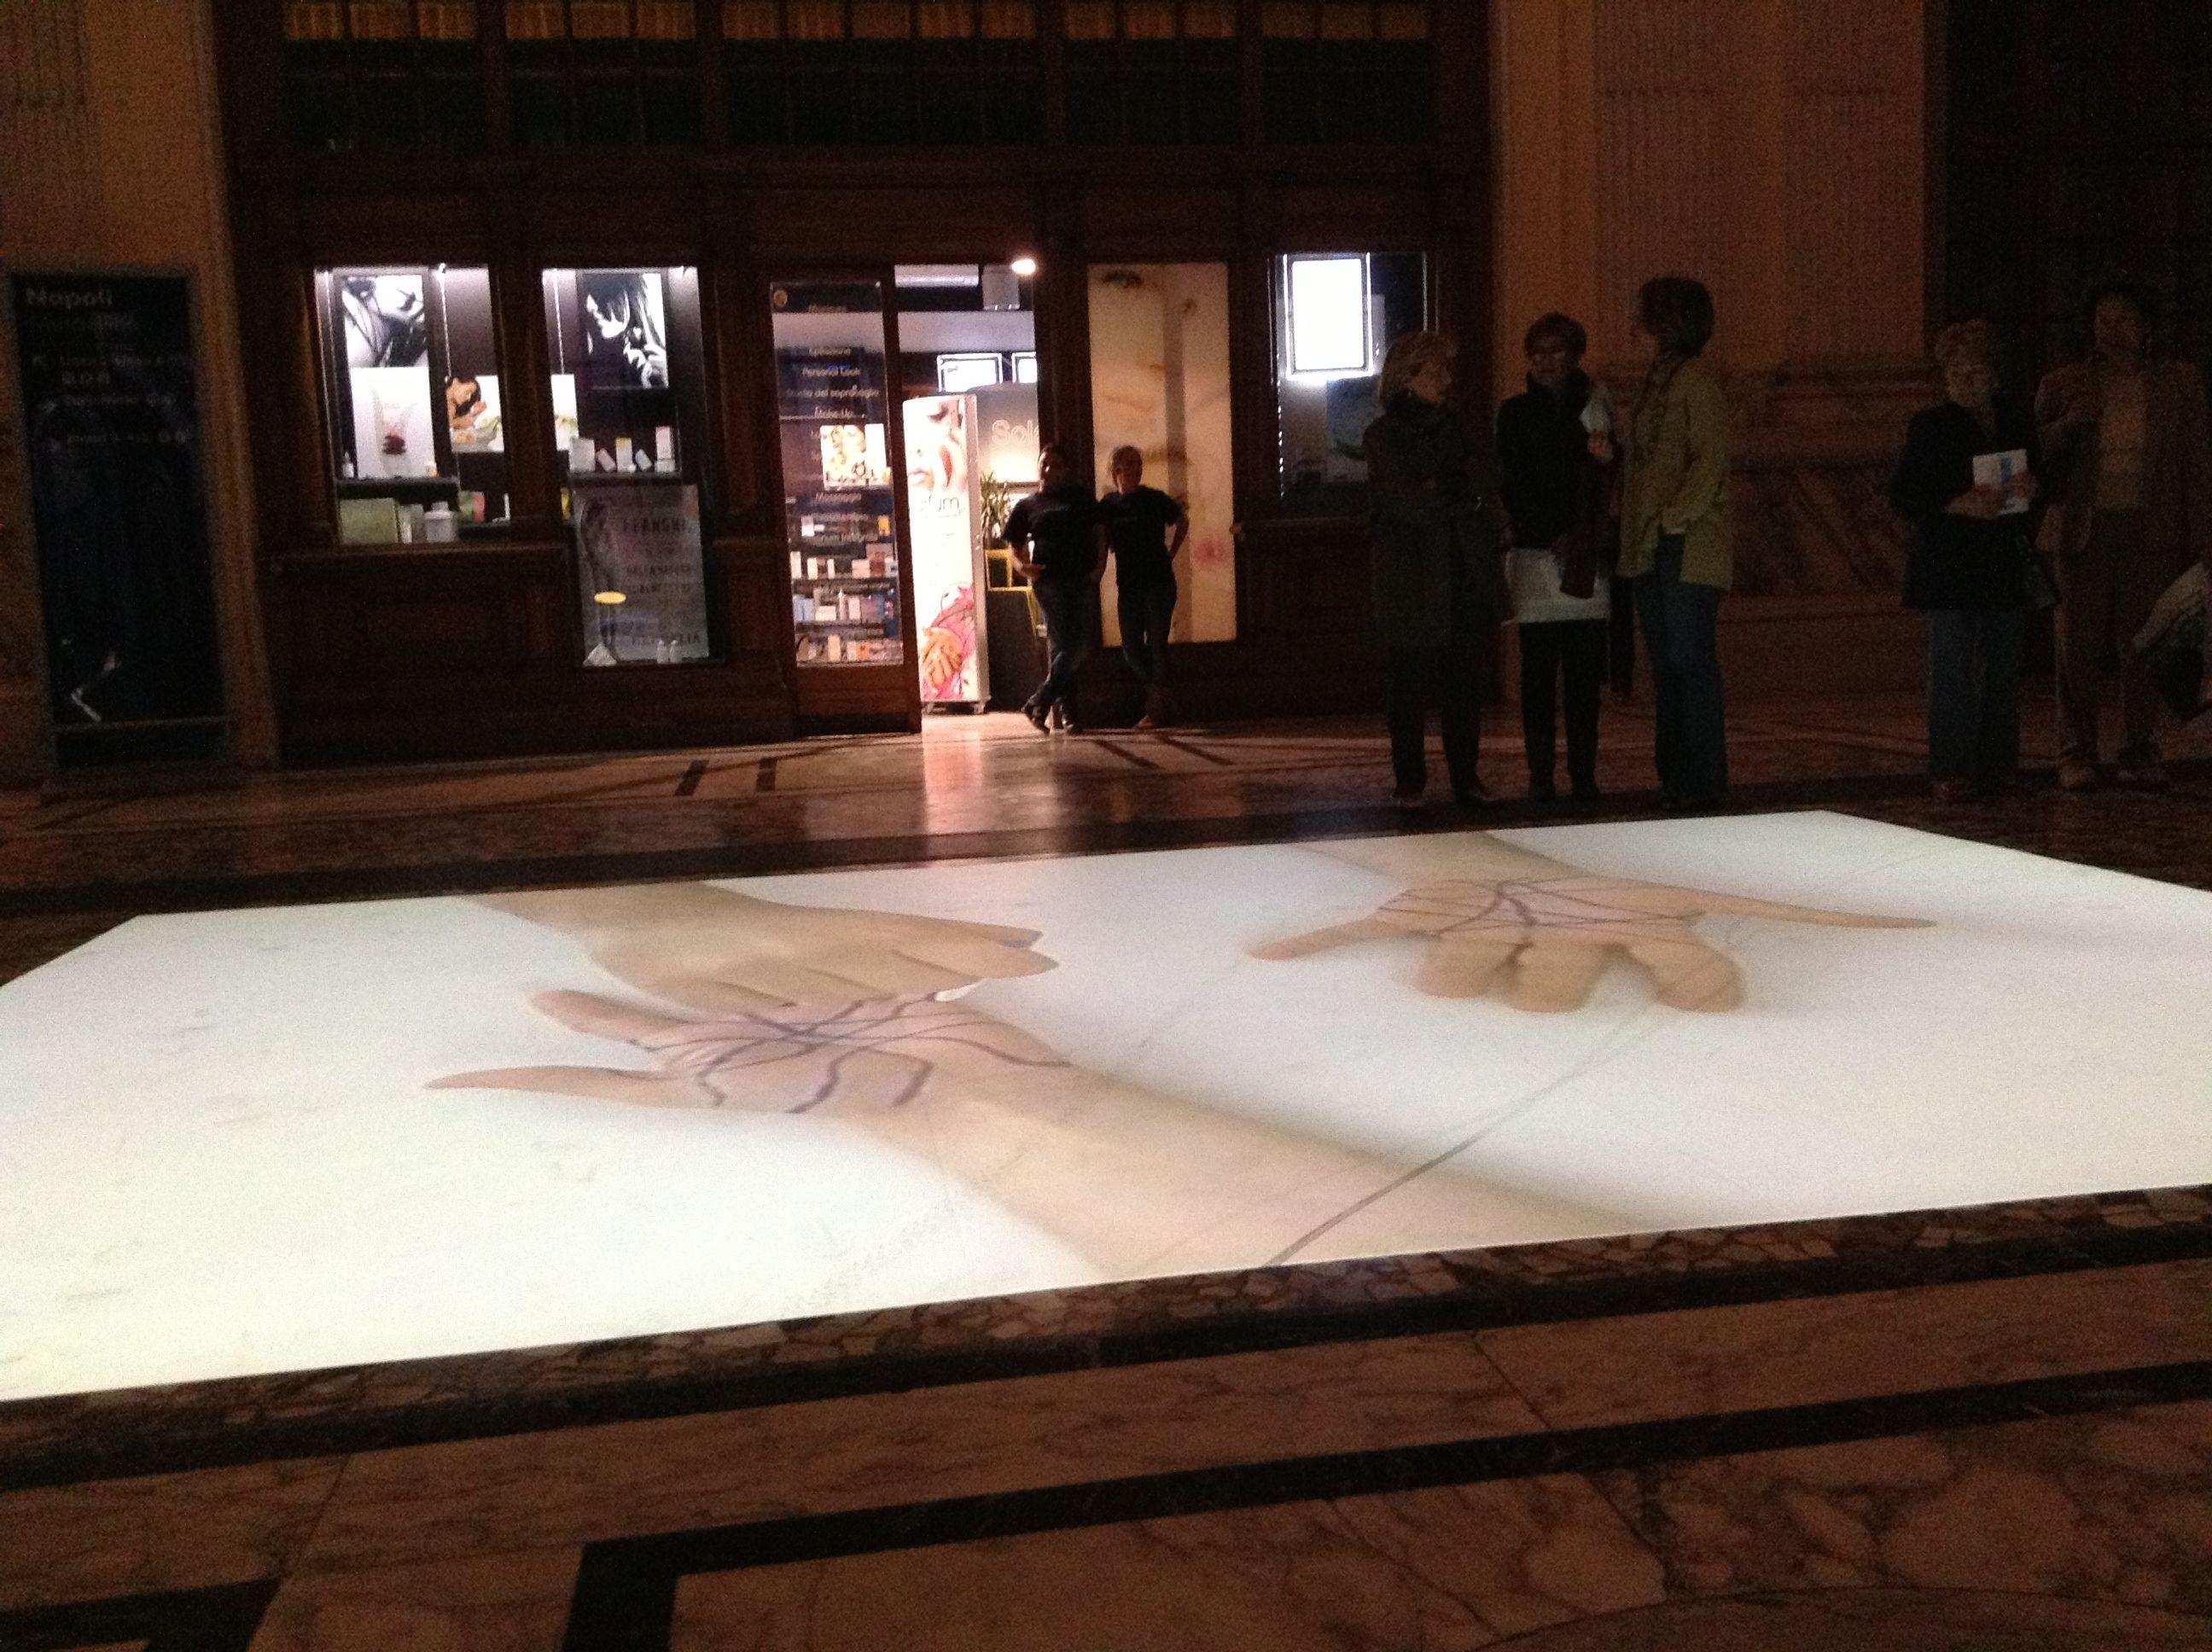 Bianco-Valente, Complementare, 2010 Video. Courtesy Voice Gallery, Marrakech e Fabio Tiboni/Sponda, Bologna